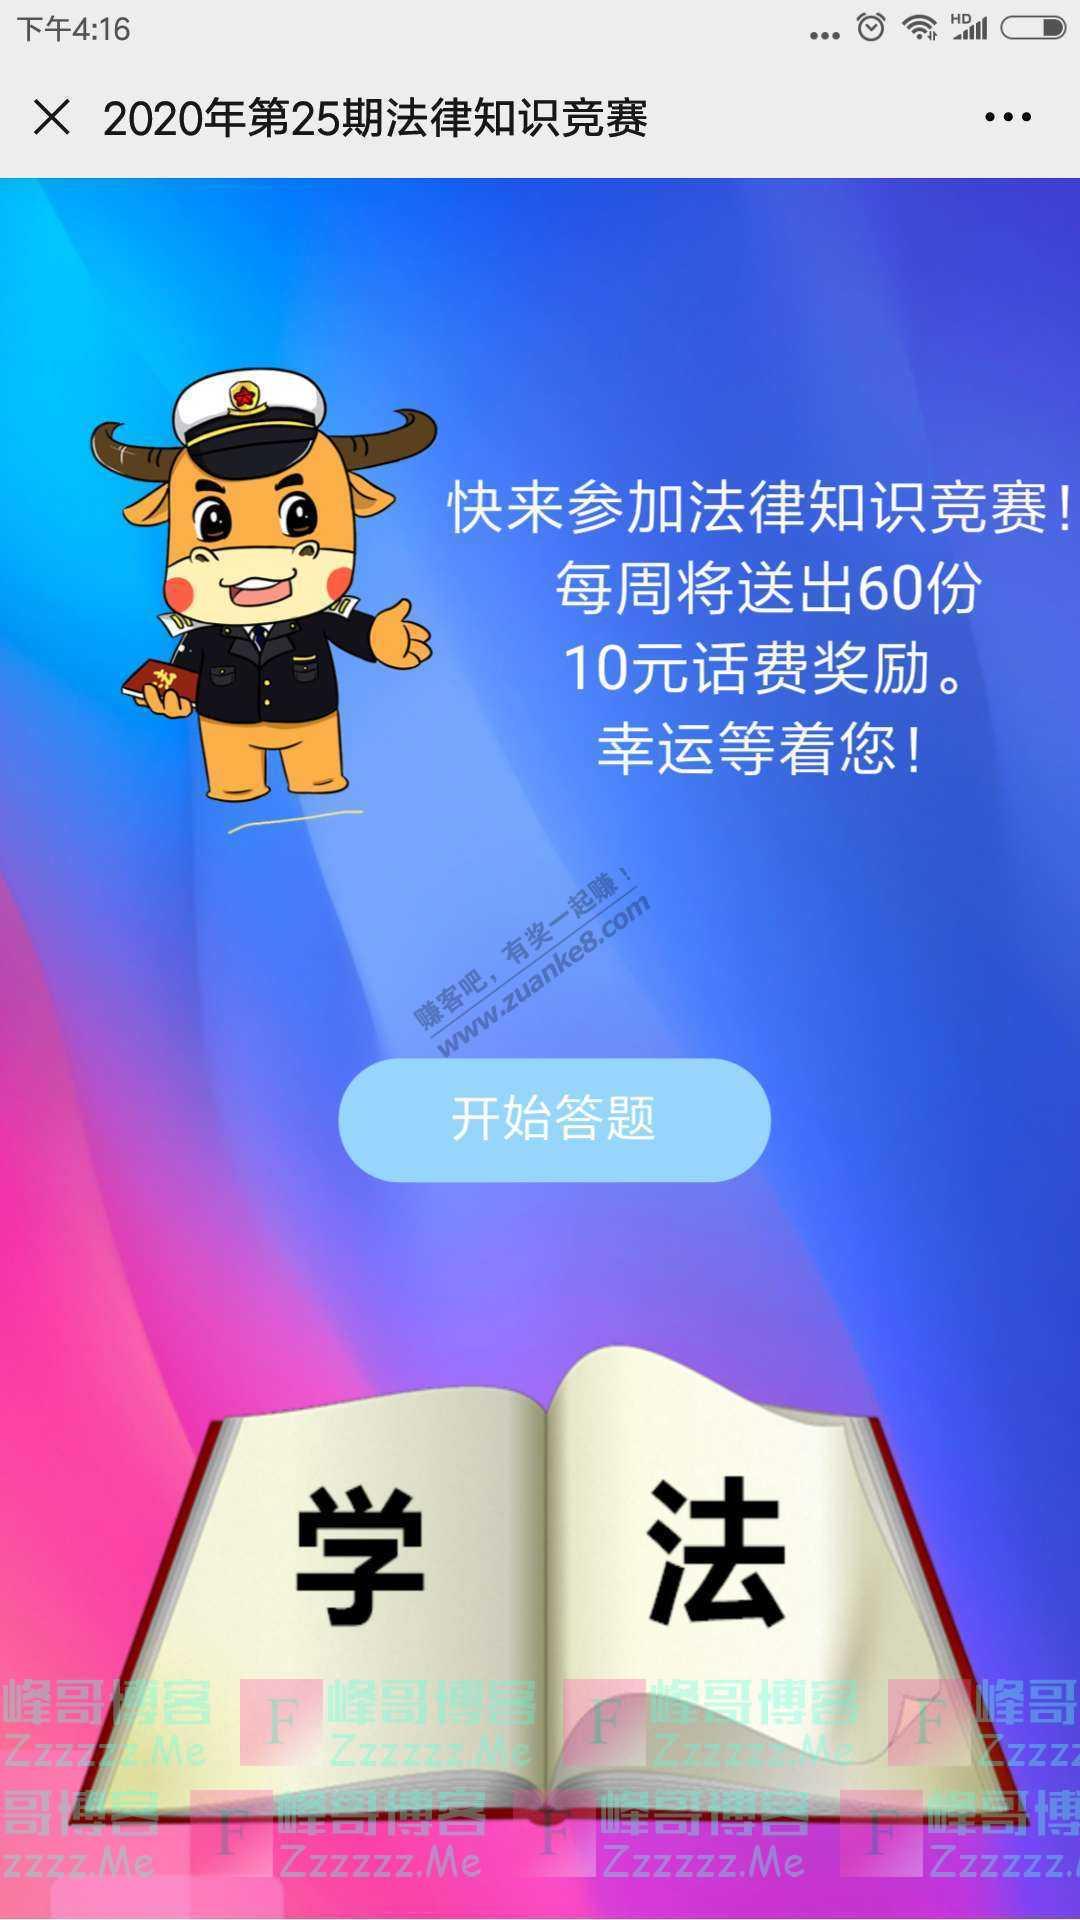 如东县12348公共法律服务法律知识竞赛第二十五期开始啦(截止不详)